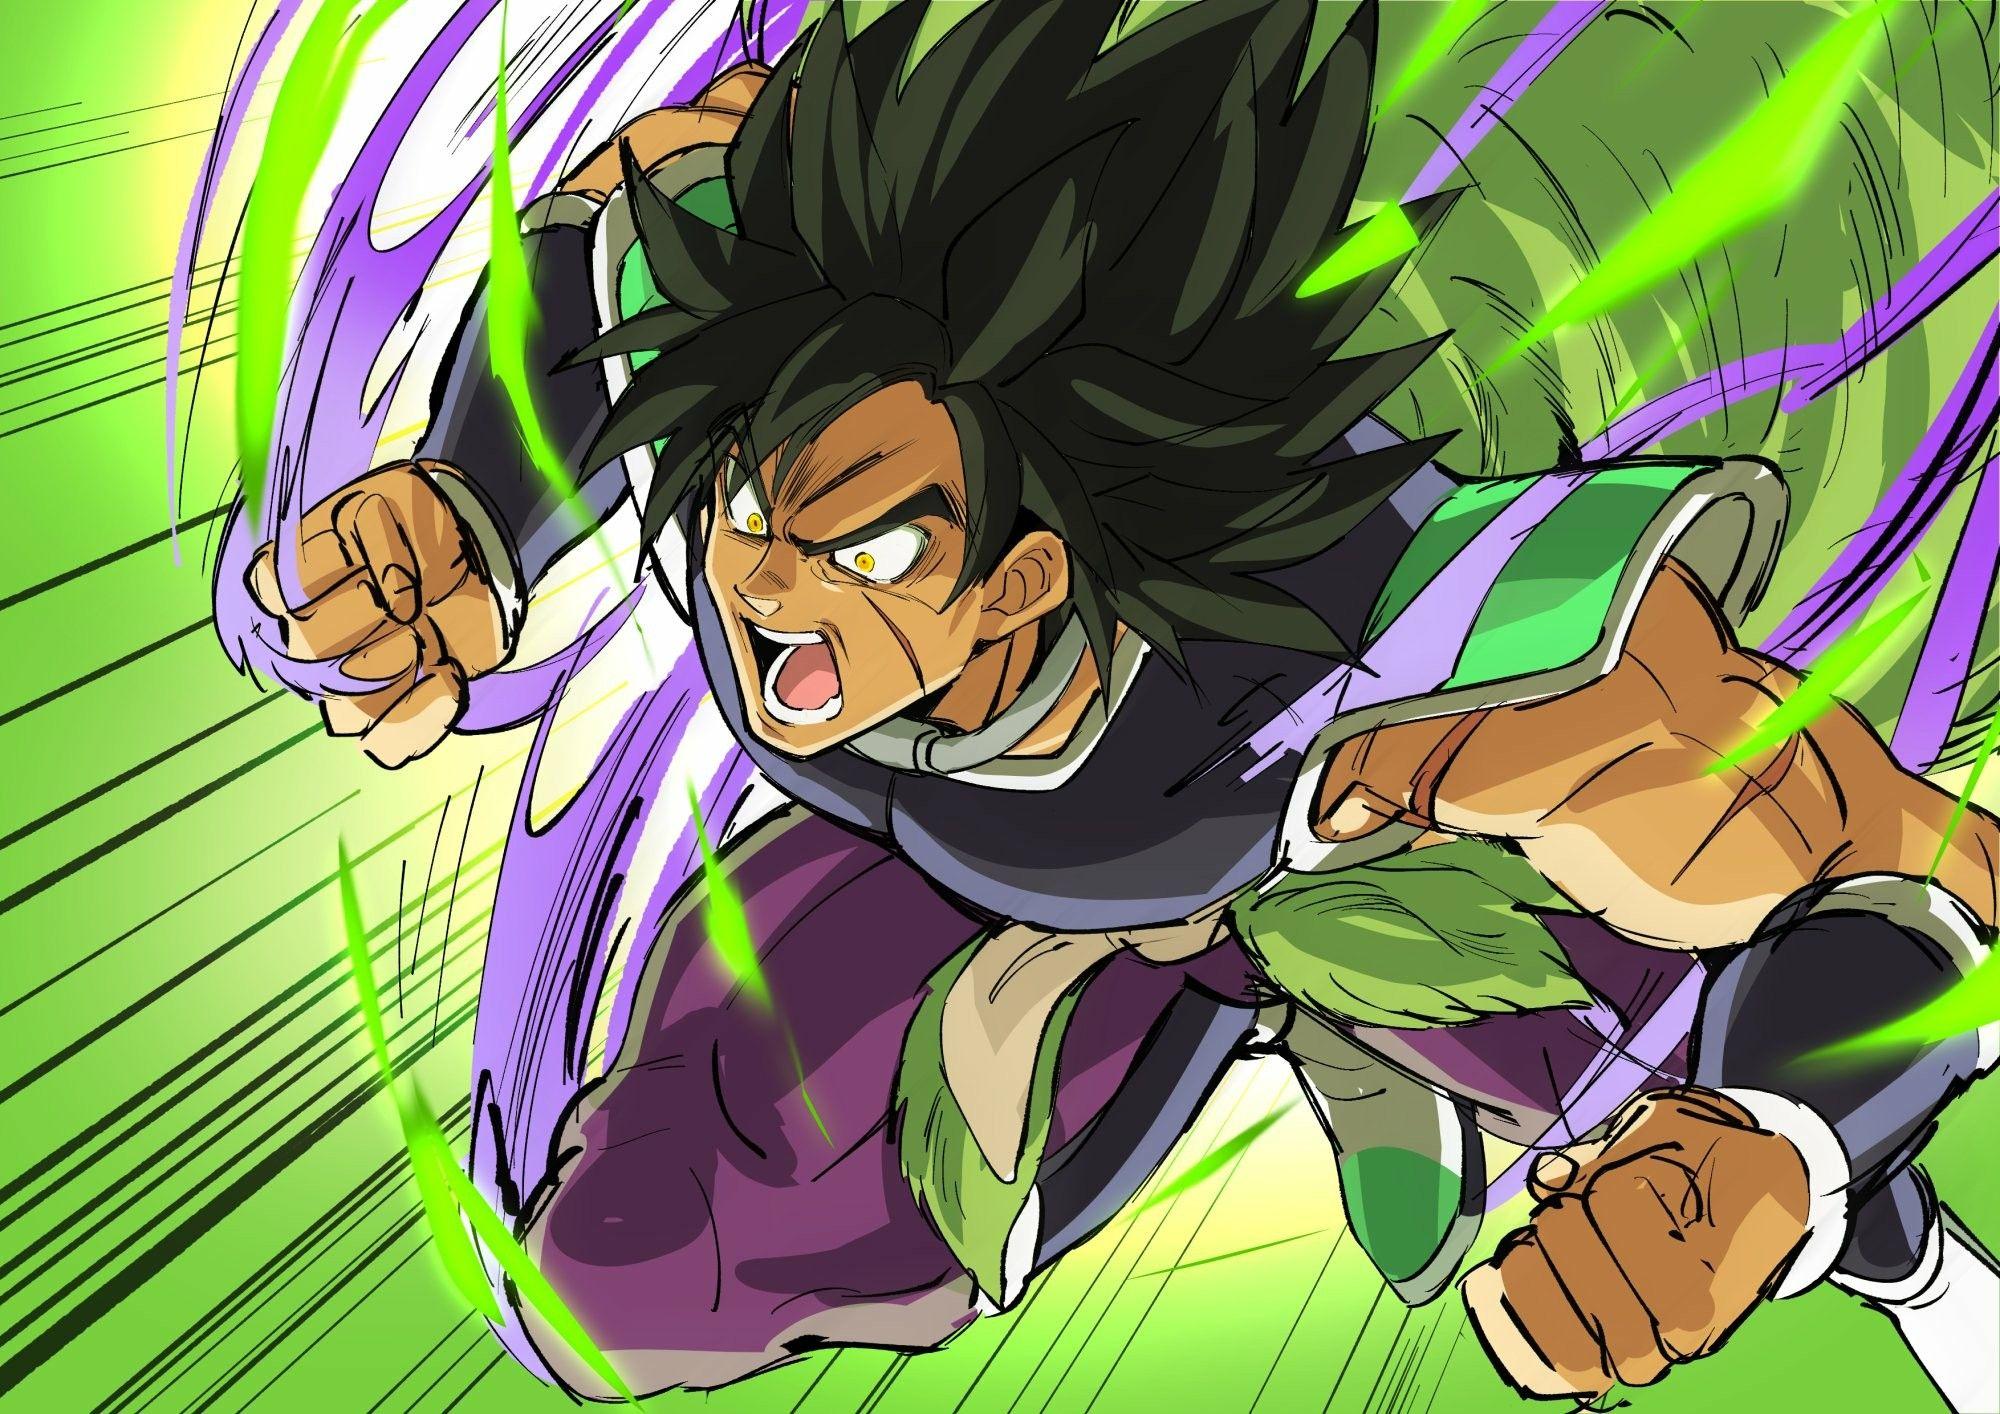 Imagem De Dragoes Por Jah Jah Em Anime Manga Cartoon Anime